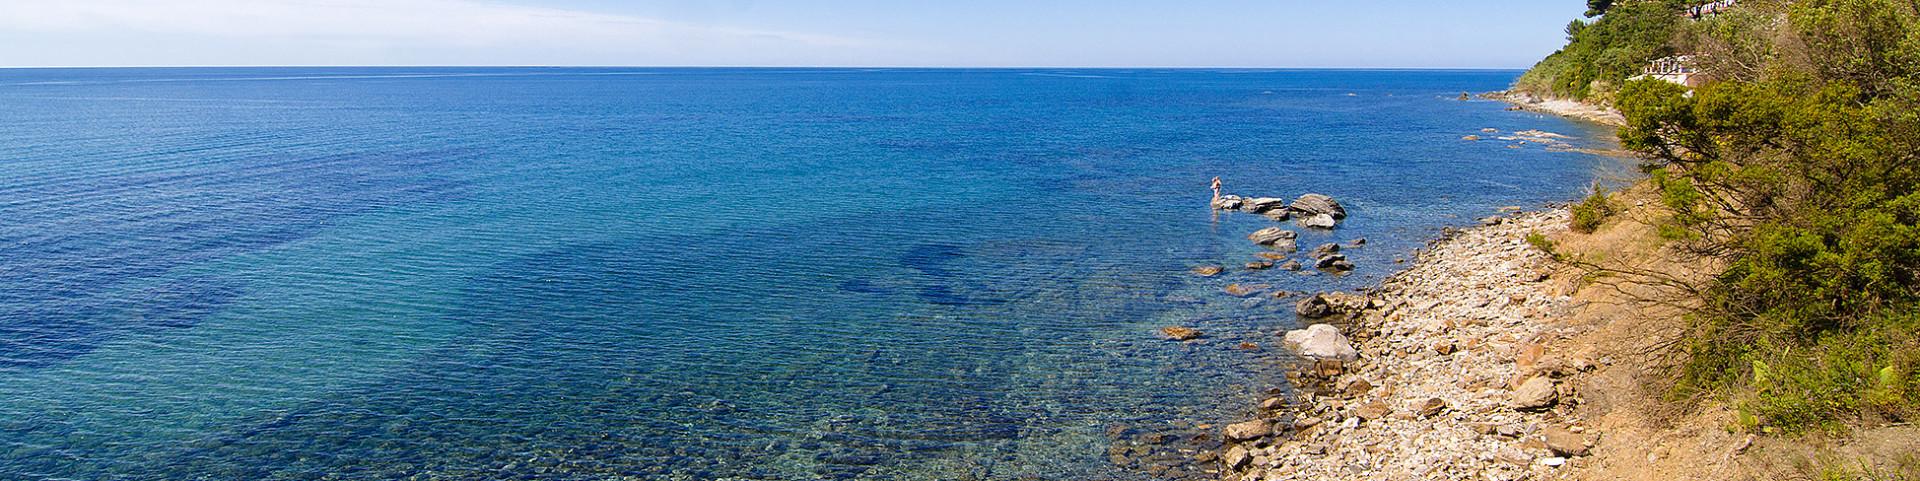 Marina di Casal Velino, v okolí je různý typ pláží, nejen písčité